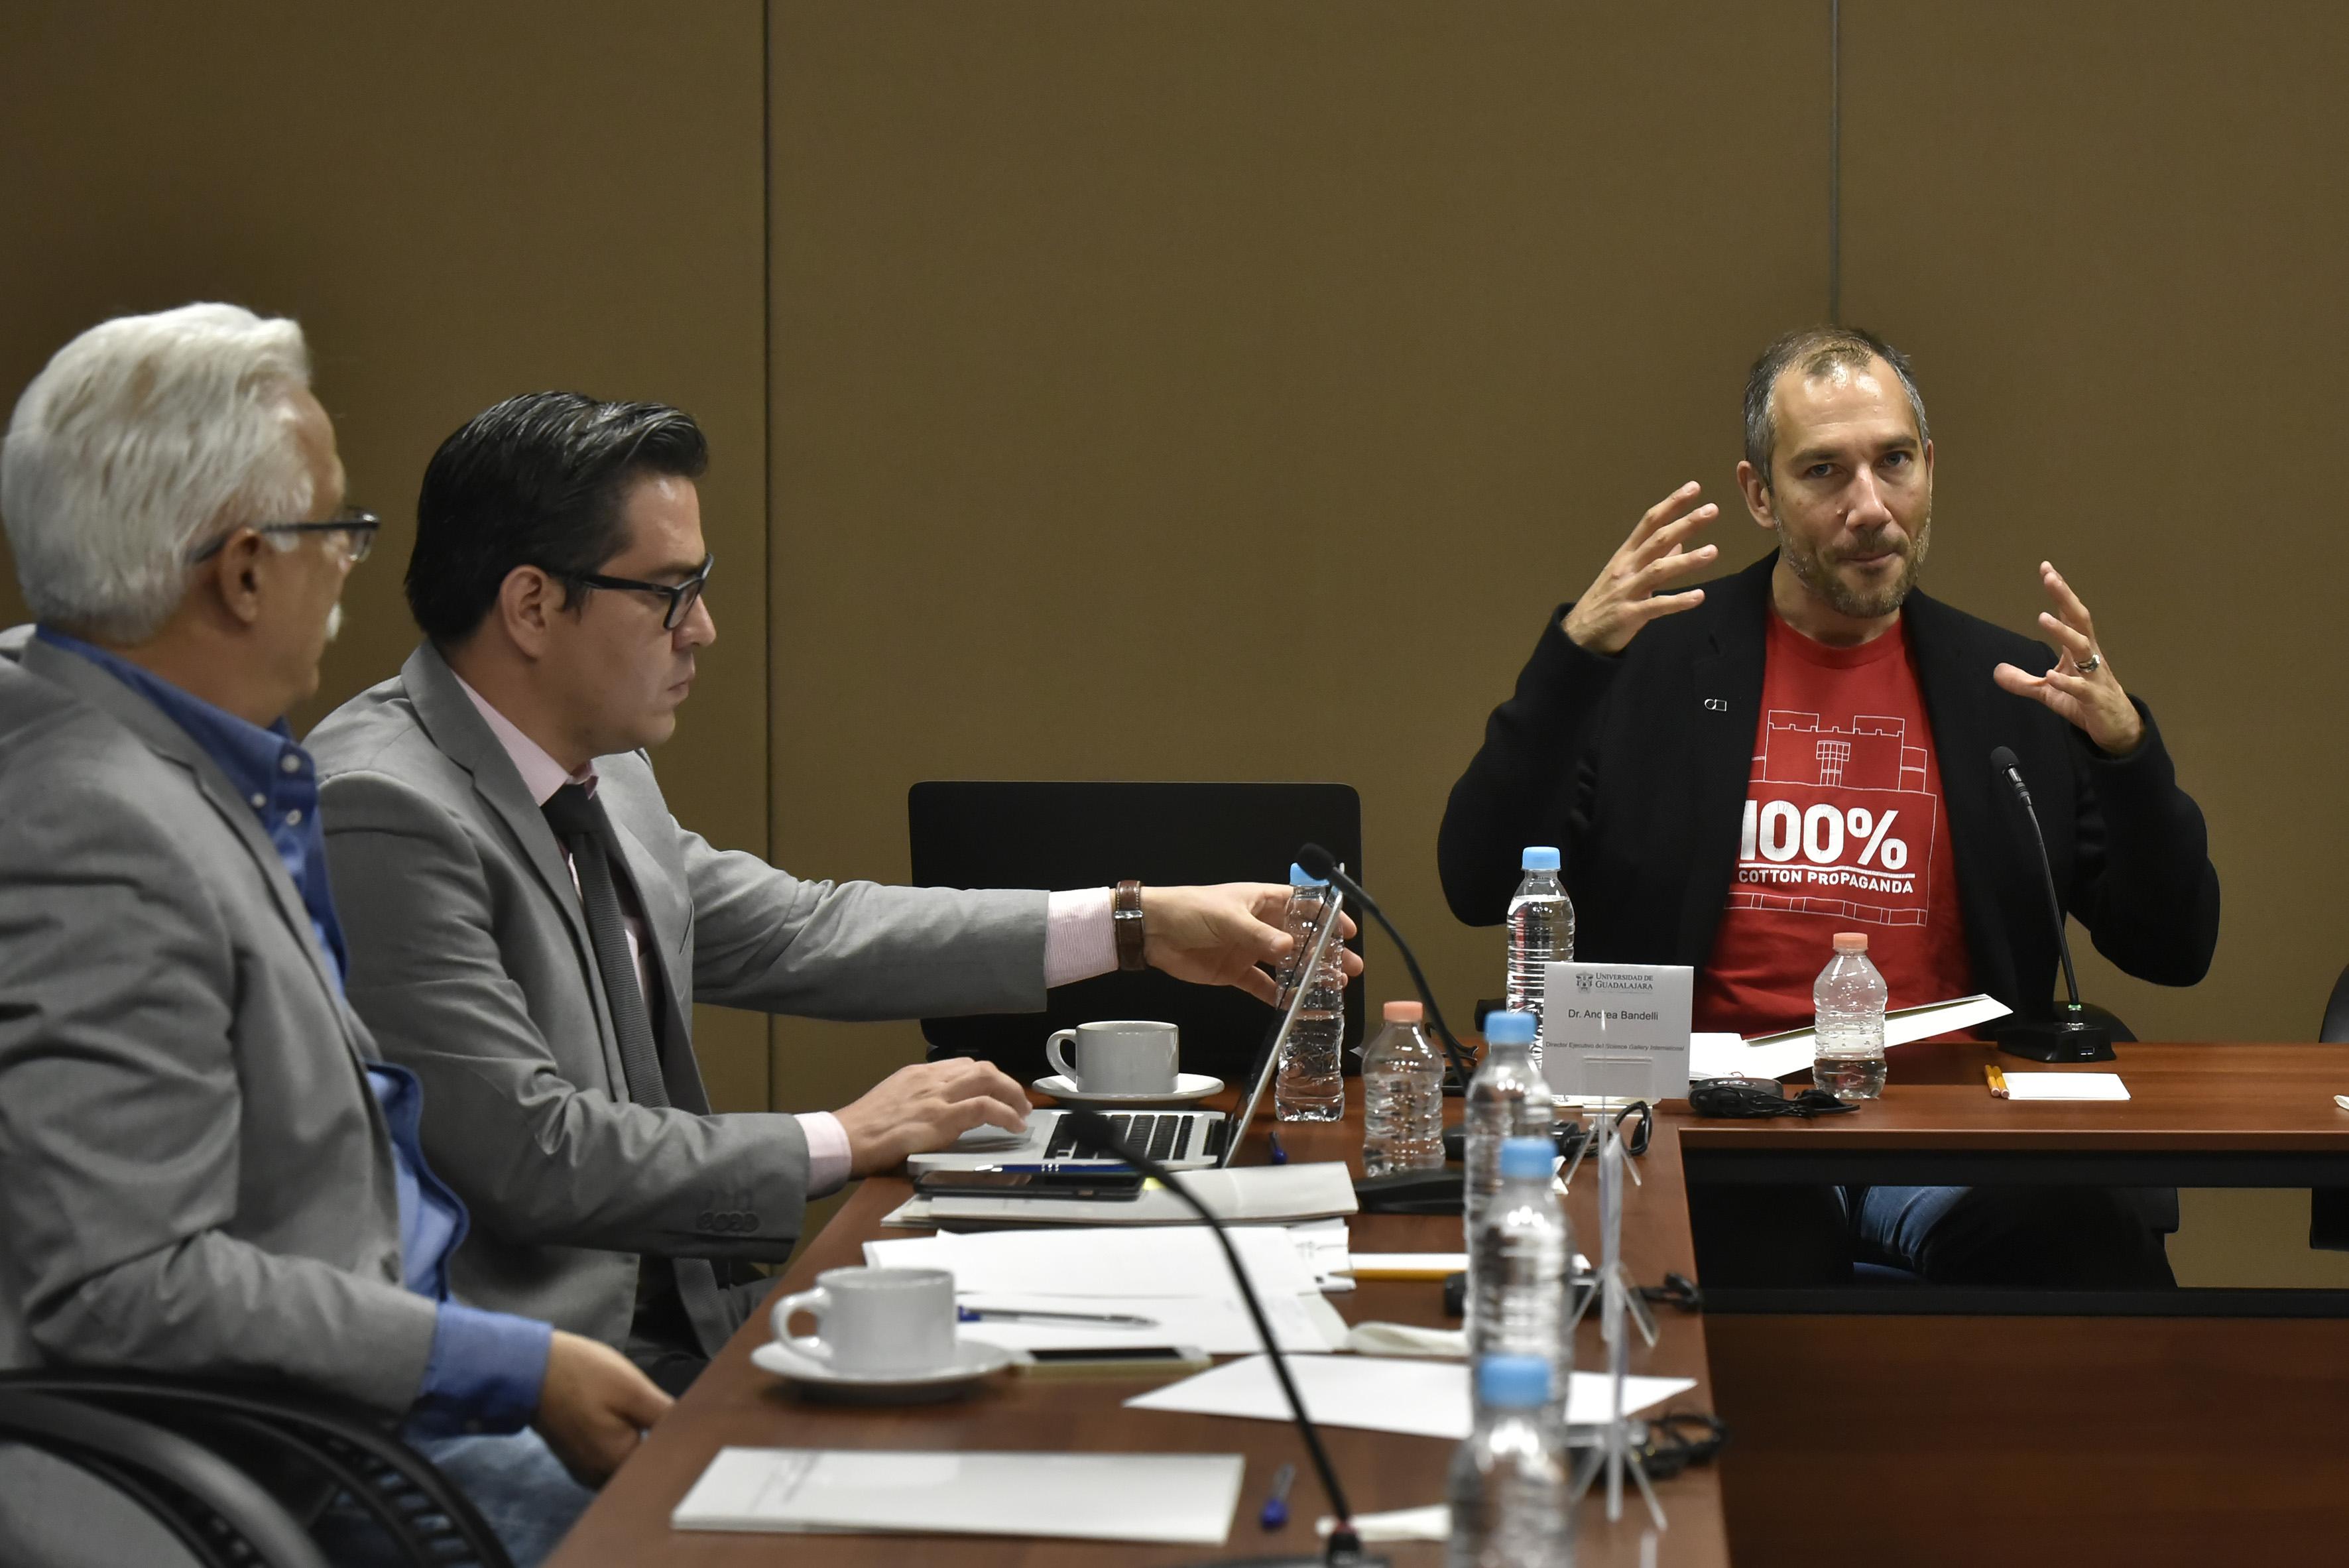 Andrea Bandelli, director de Science Gallery International, participando en la reunión.